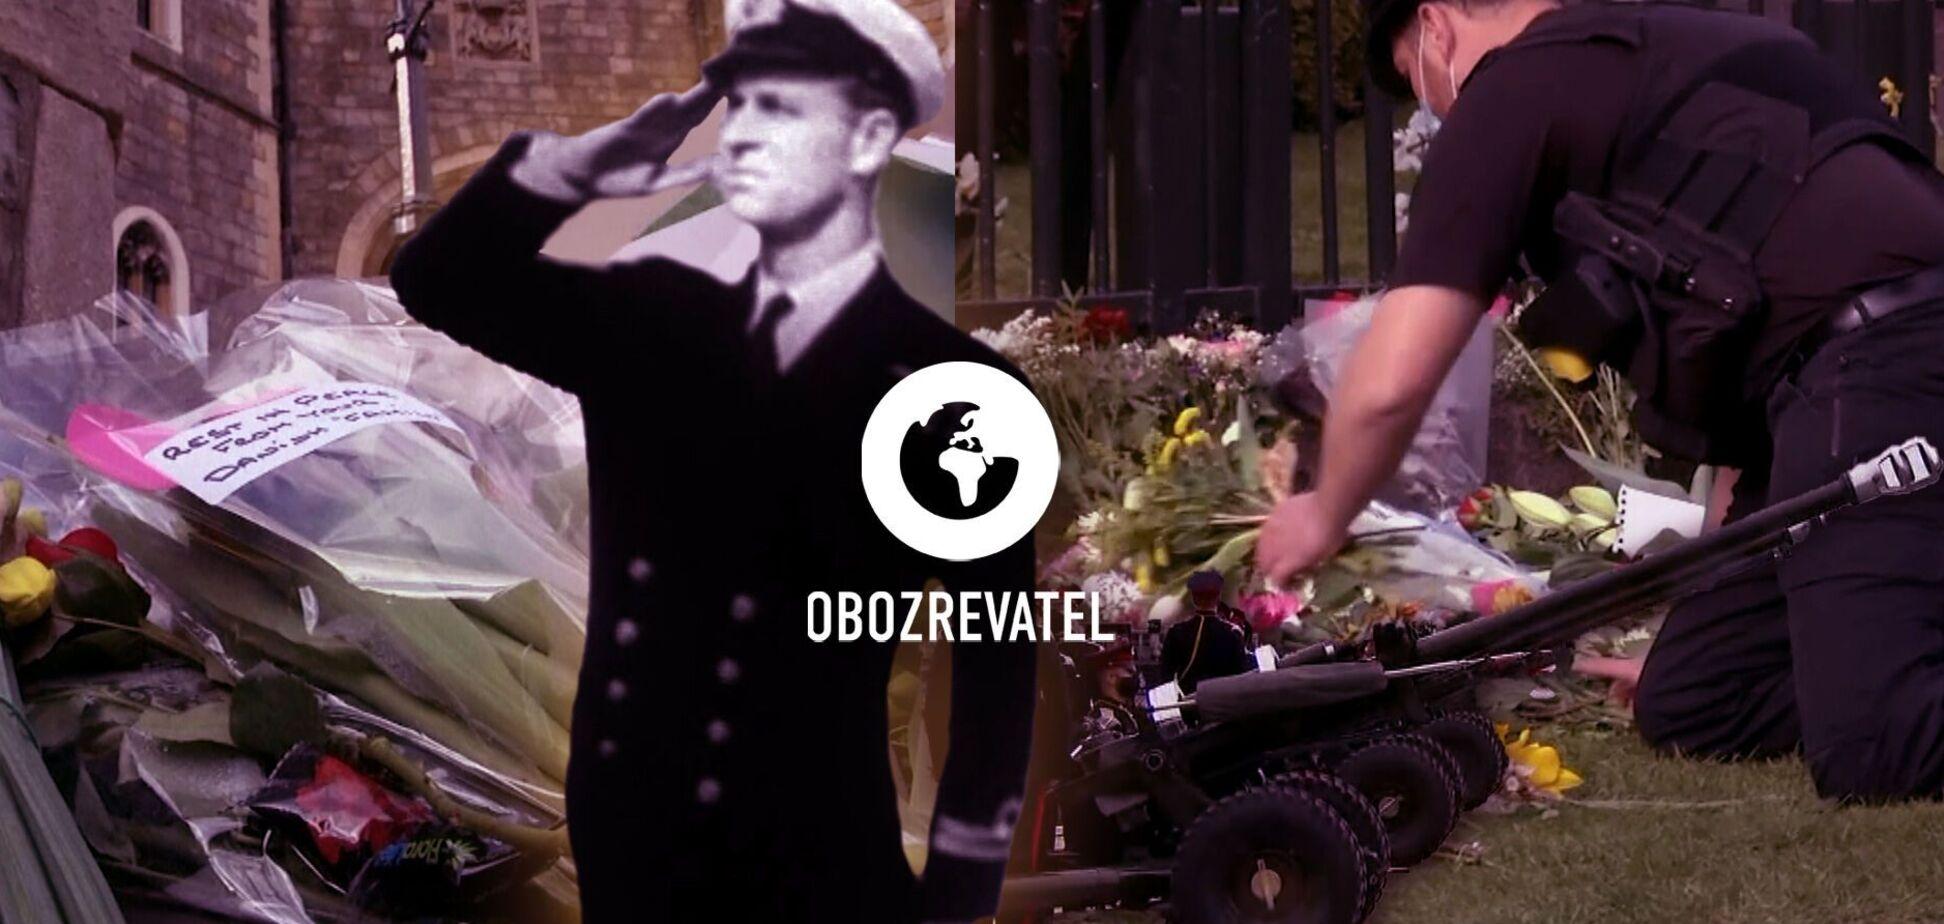 Национальный траур в Великобритании: там уже готовятся к похоронной церемонии герцога Эдинбургского – сюжет